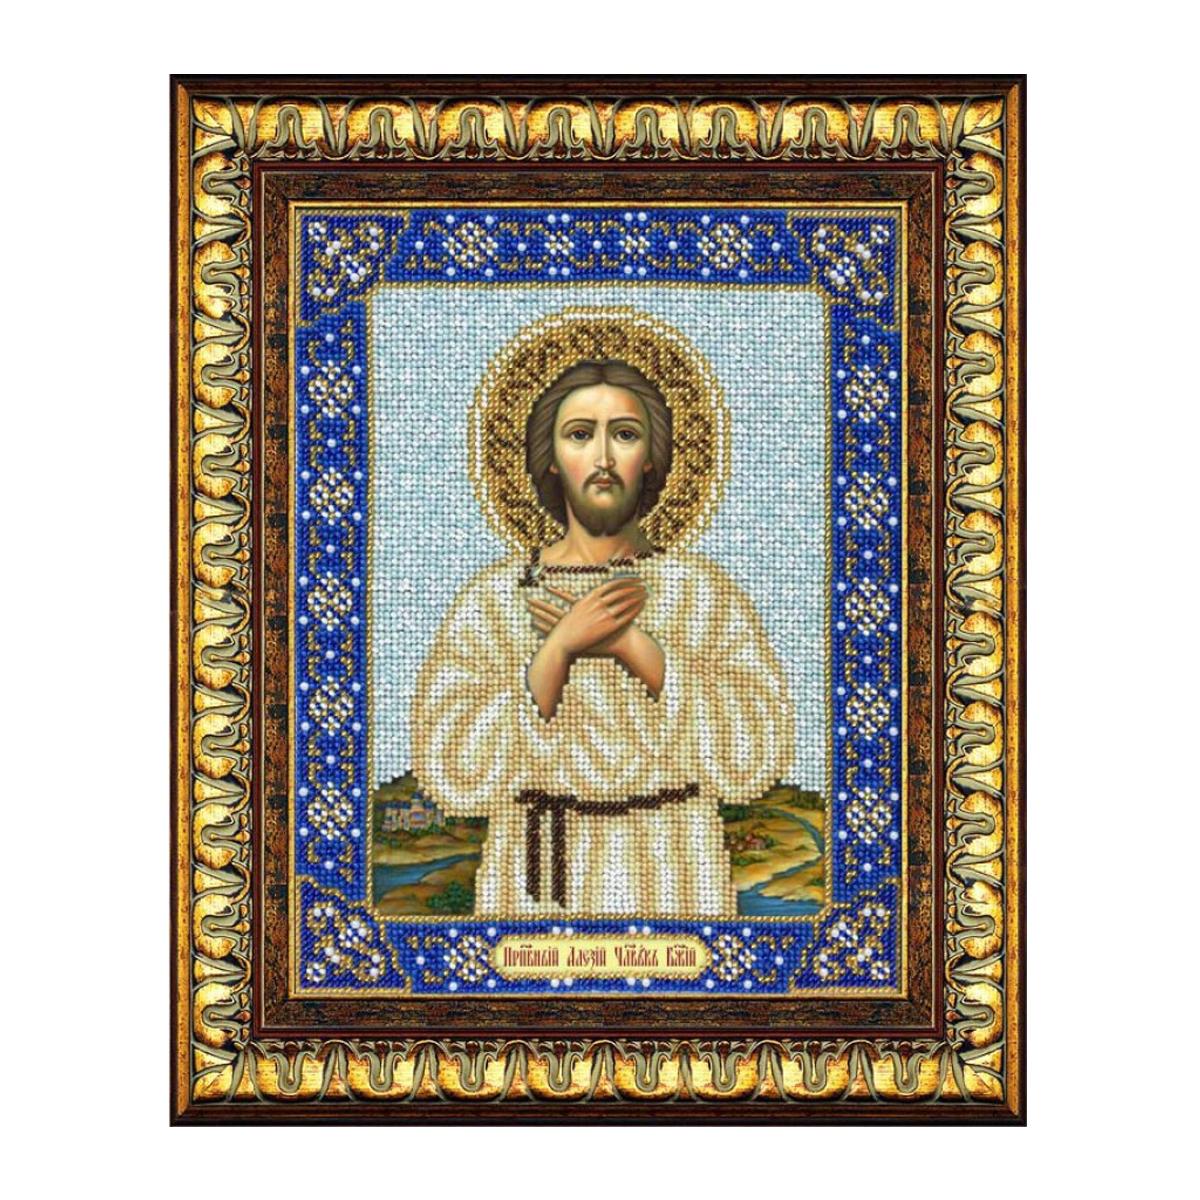 Набор для вышивания бисером Паутинка Св.Алексей Человек Божий, 20 см х 25 см. Б1055484145Состав набора: бисер Чехия - 10 цветов, льняная ткань с нанесенным рисунком, бисерная игла, подробная инструкция.